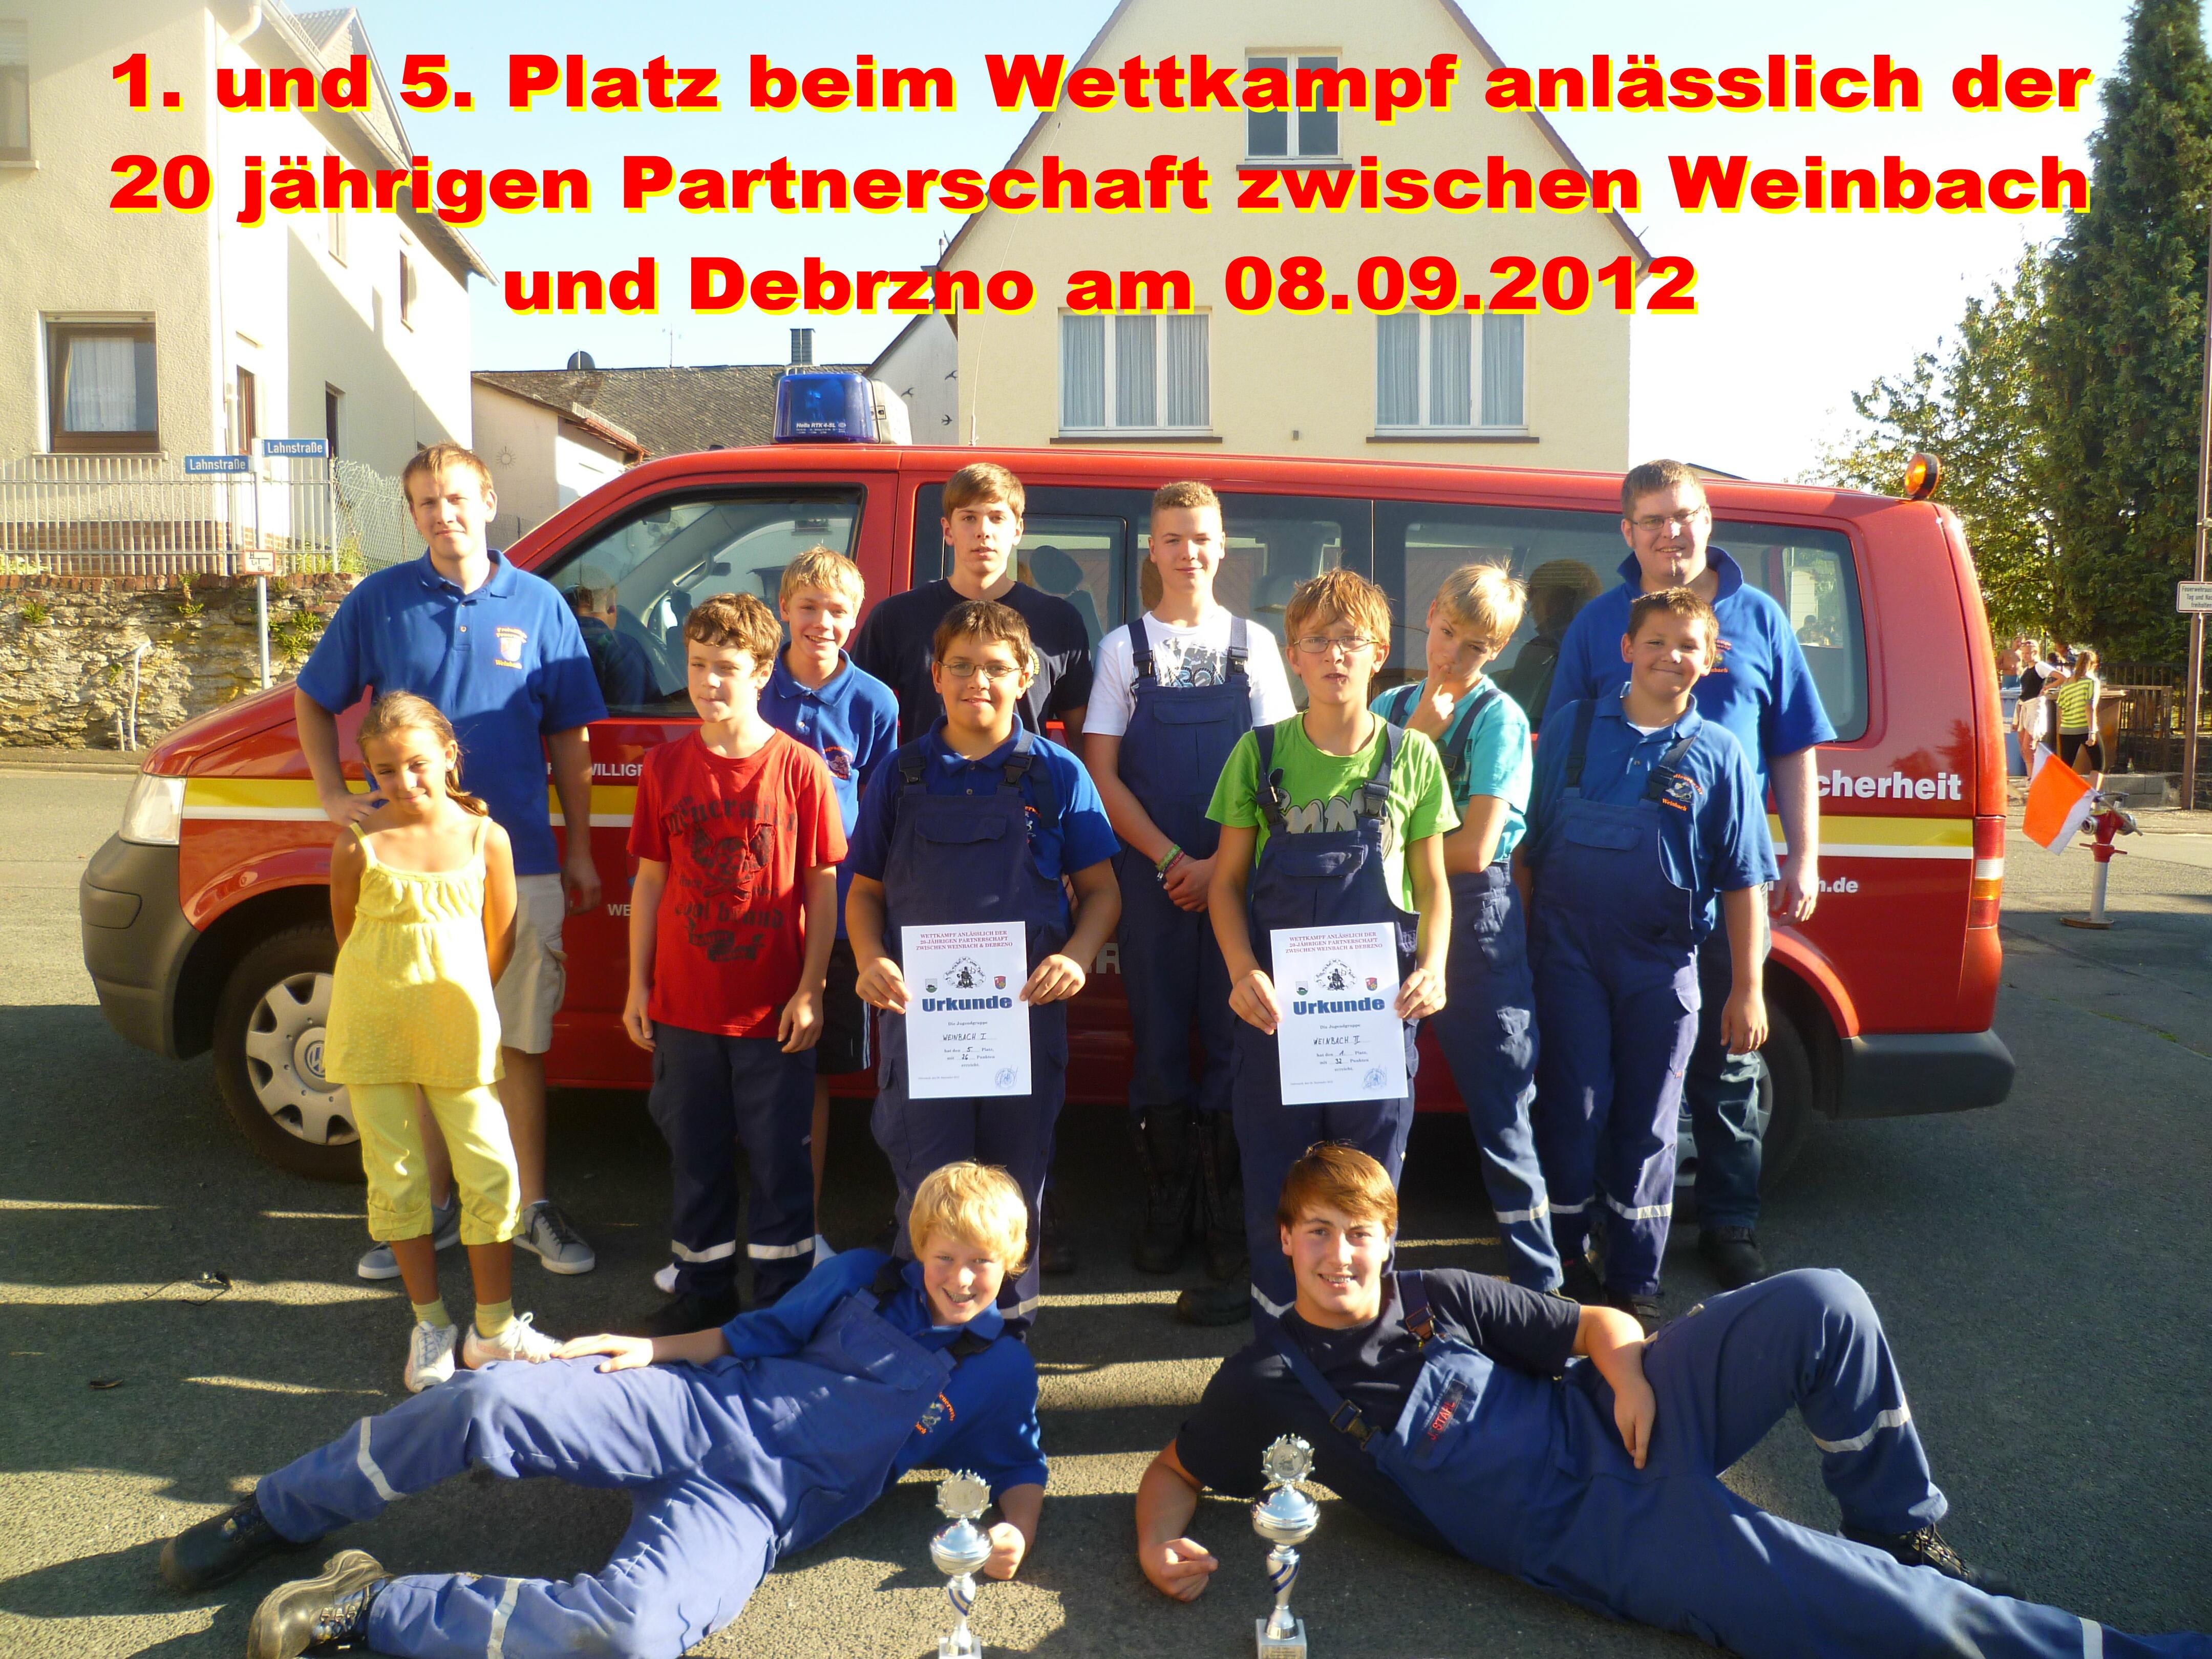 Wettkampf anlässlich der 20-jährigen Partnerschaft  zwischen Weinbach & Debrzno am 08.09.2012